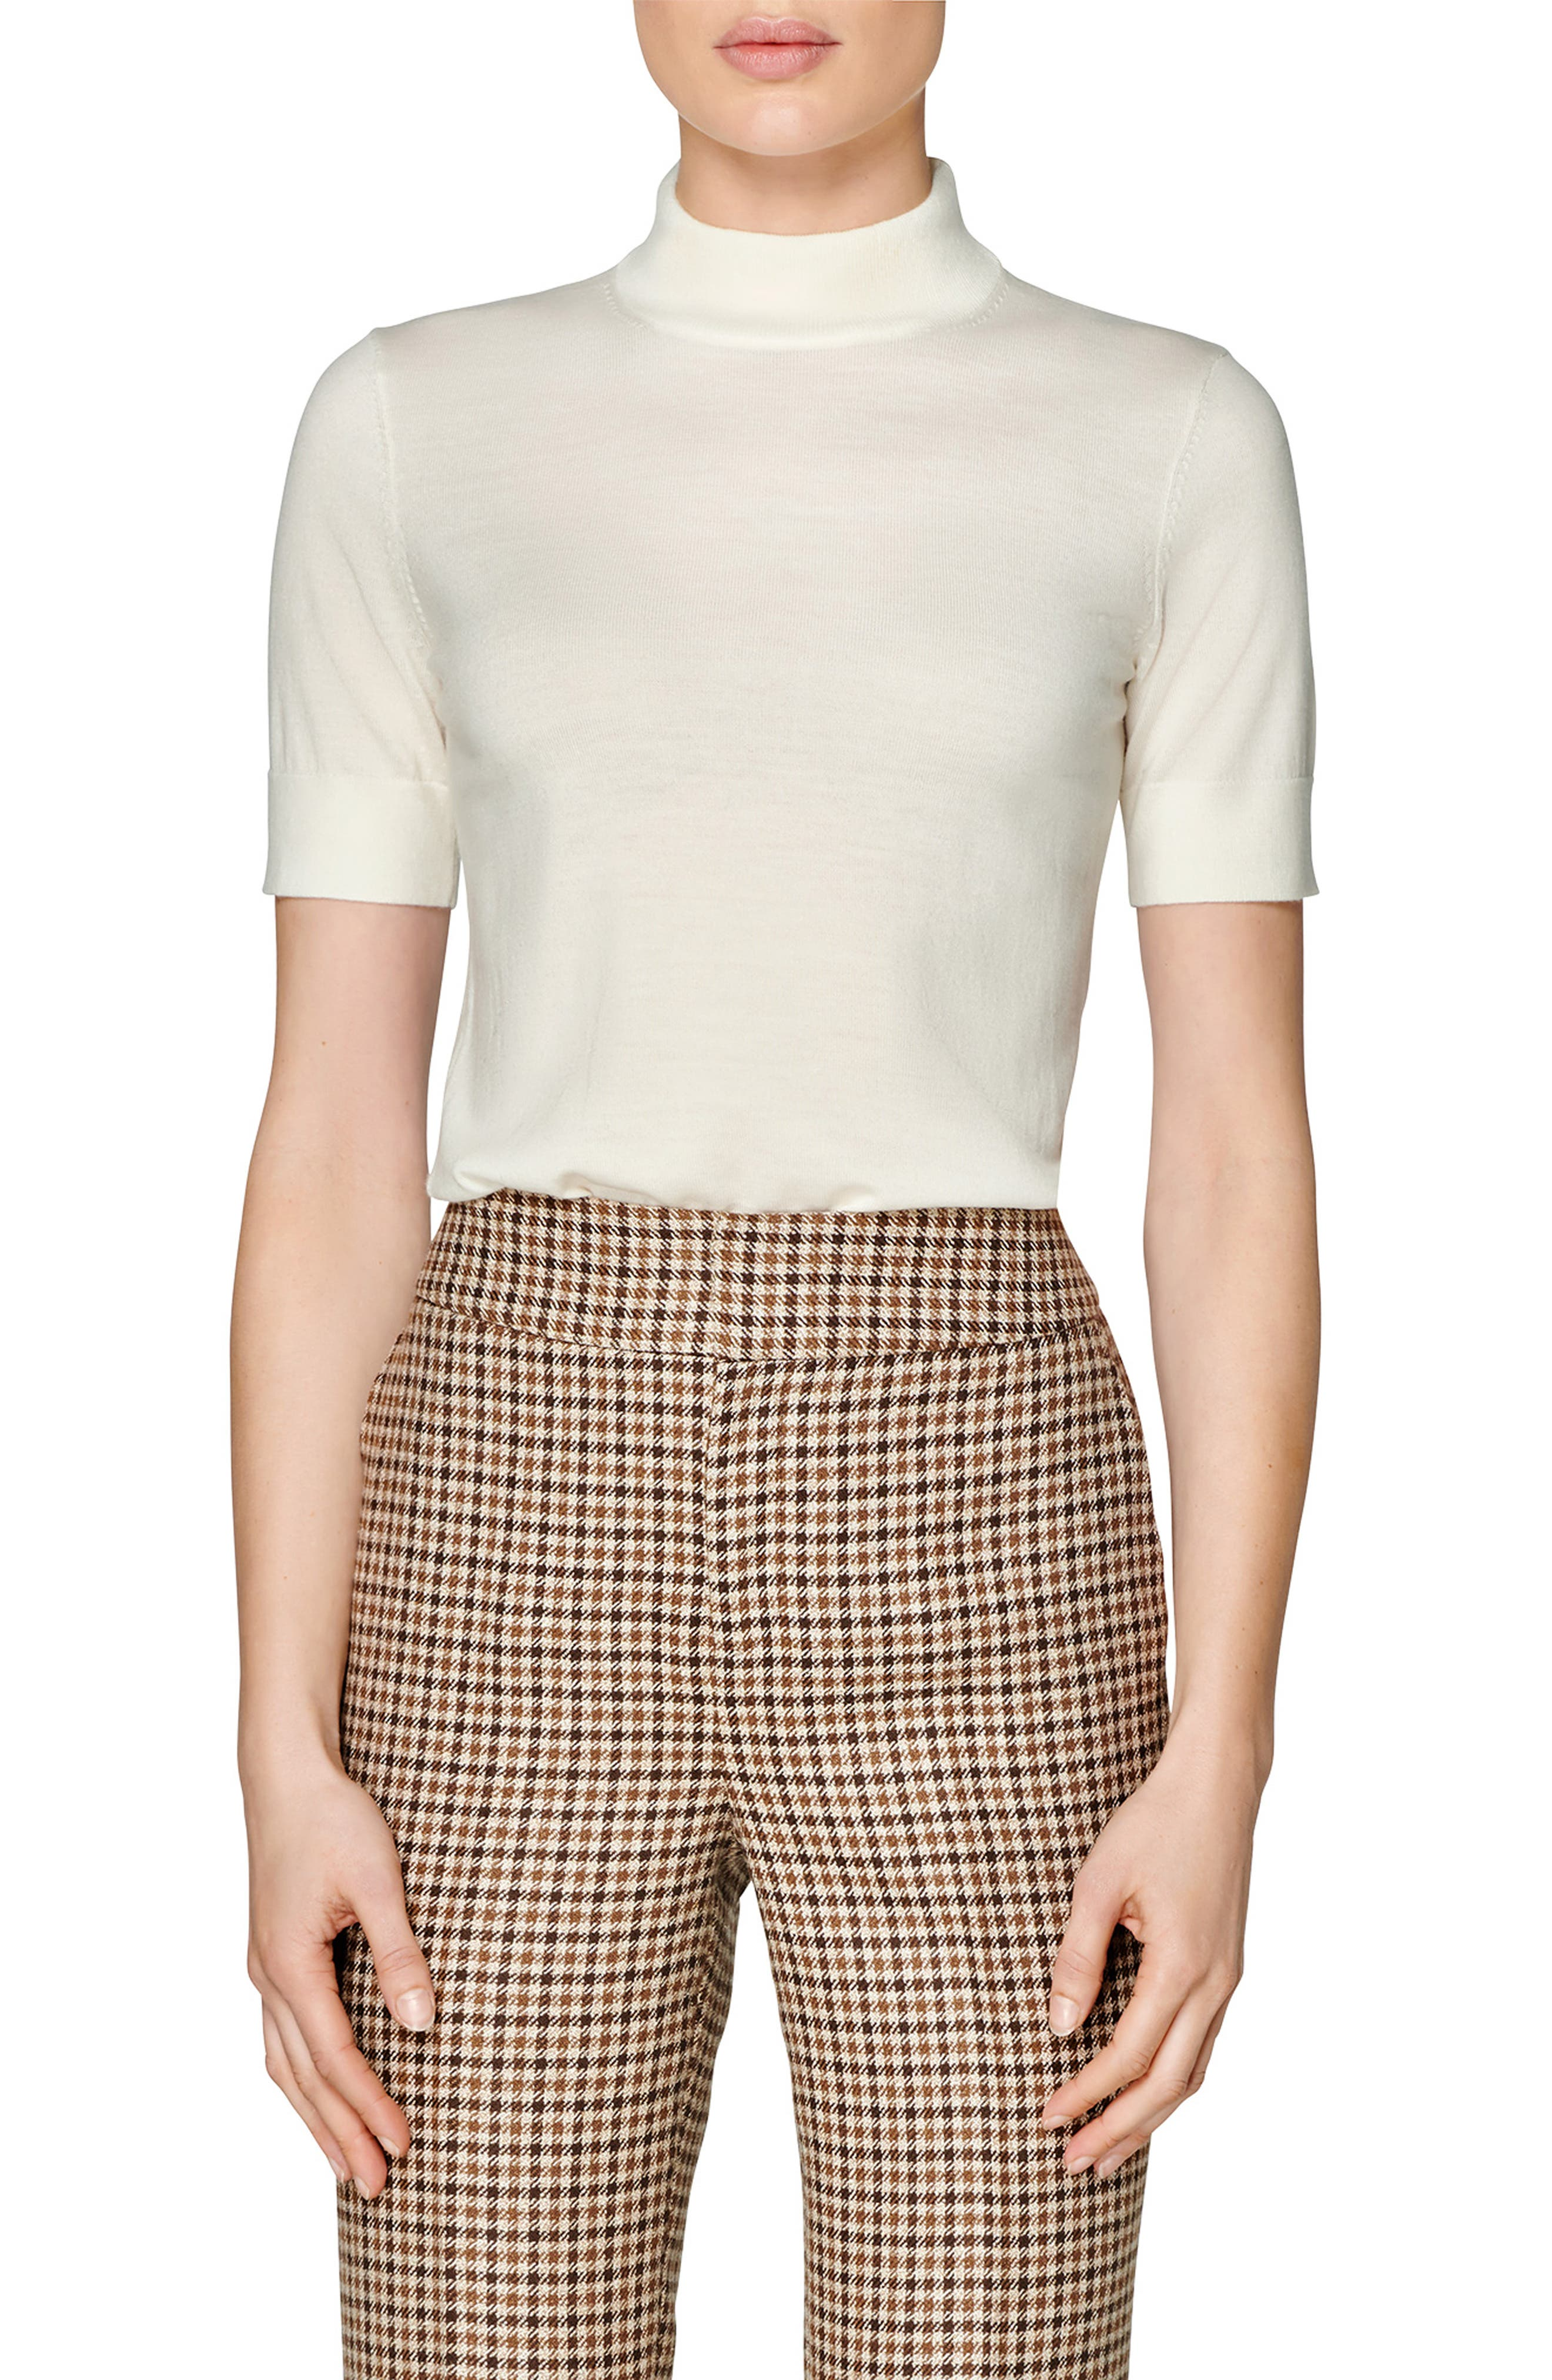 Suistudio Doris Short Sleeve Merino Wool Sweater, White